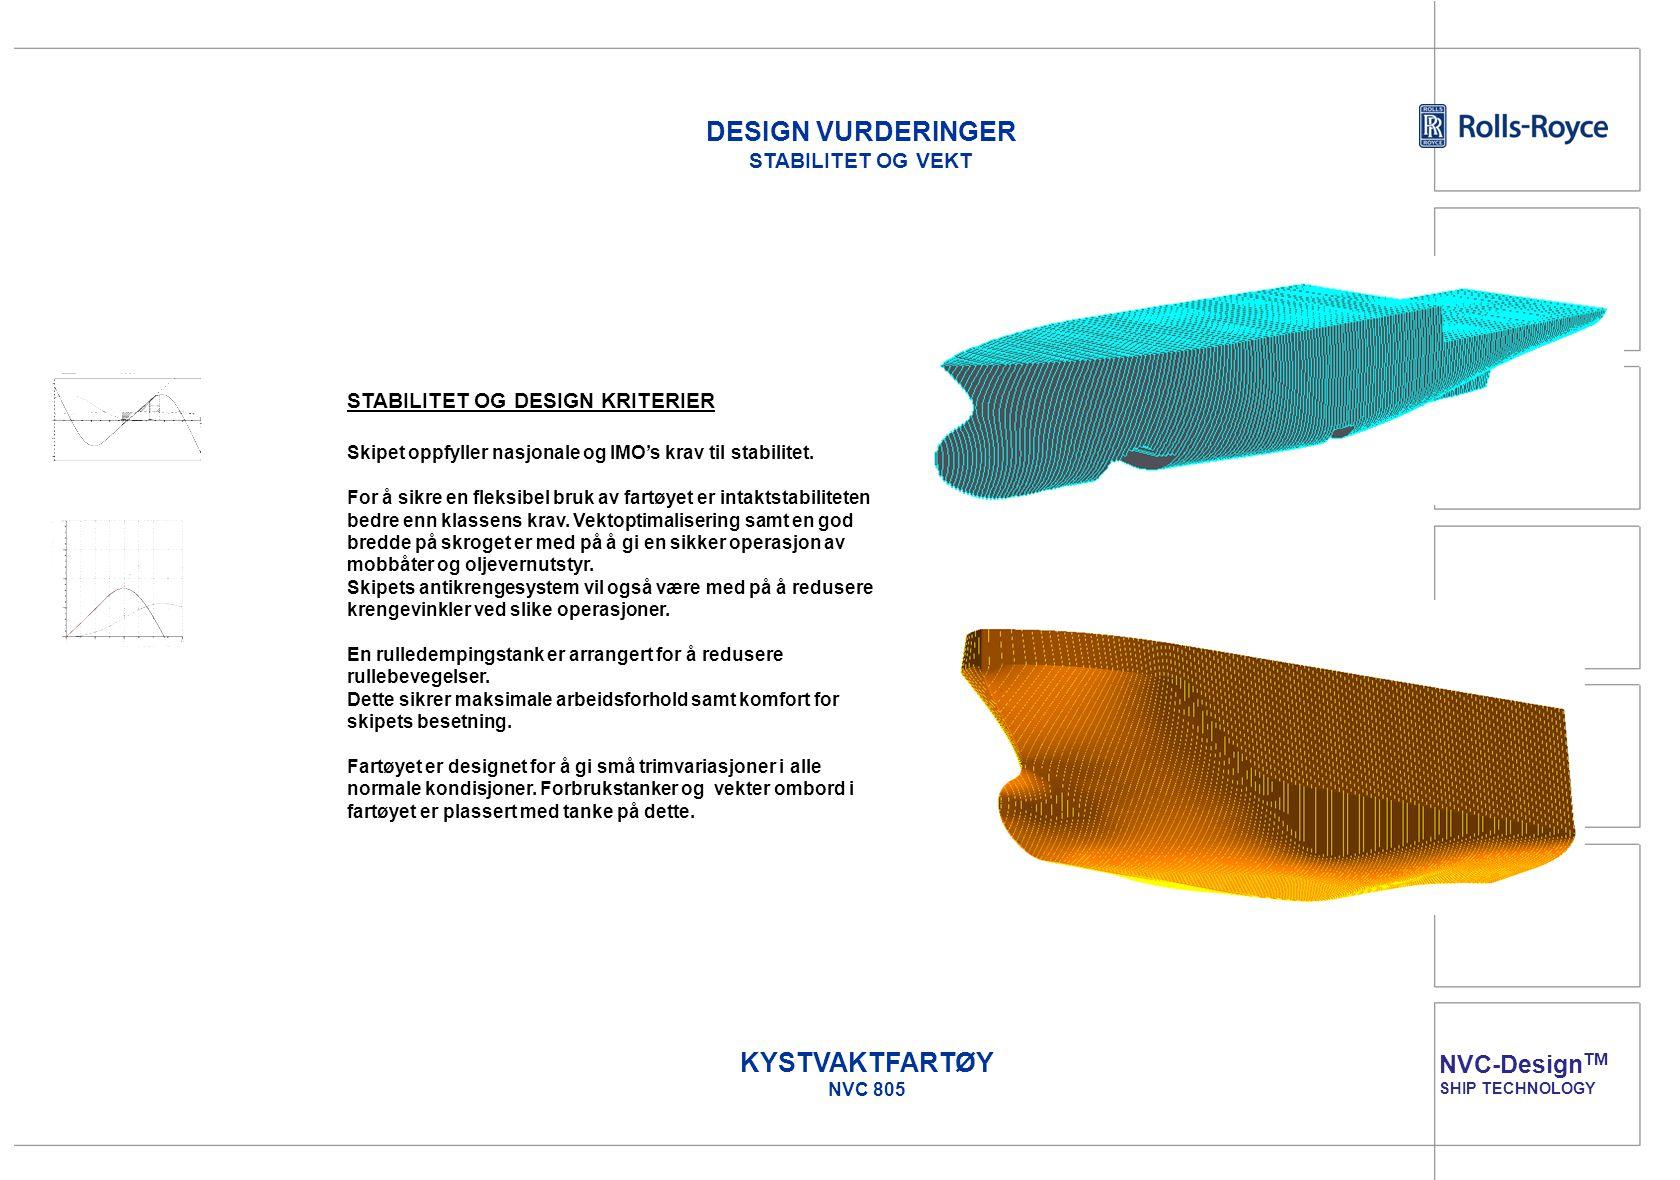 NVC-Design TM SHIP TECHNOLOGY KYSTVAKTFARTØY NVC 805 VEKTSBEREGNINGER – NAPA STEEL MODELL Detaljerte vektsberegninger vil bli utført for å verifisere vekt og tyngdepunkt for både stål, aluminium og utrustning.